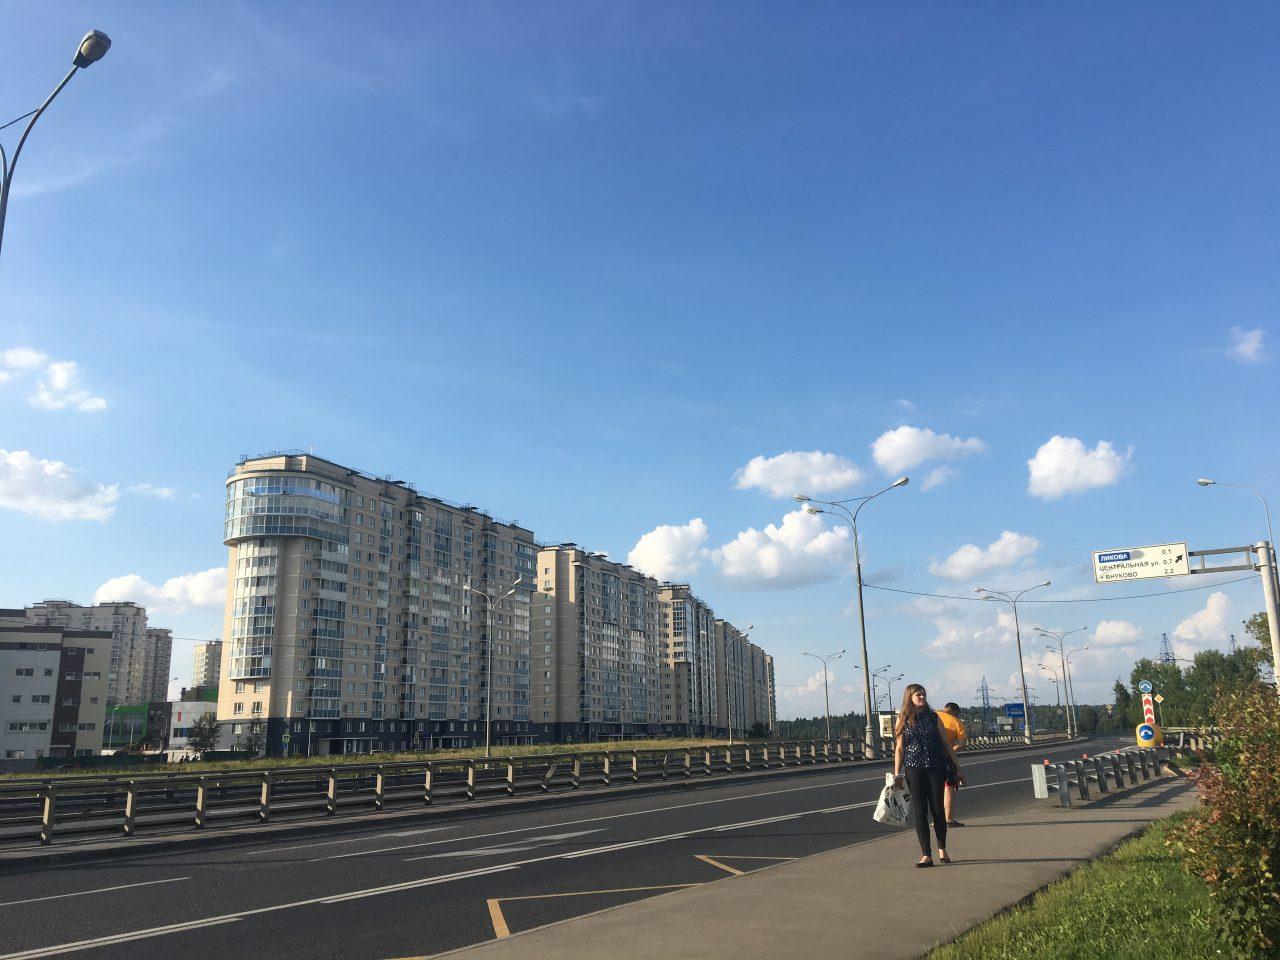 Загруженность дорог Москвы оценивается в четыре балла